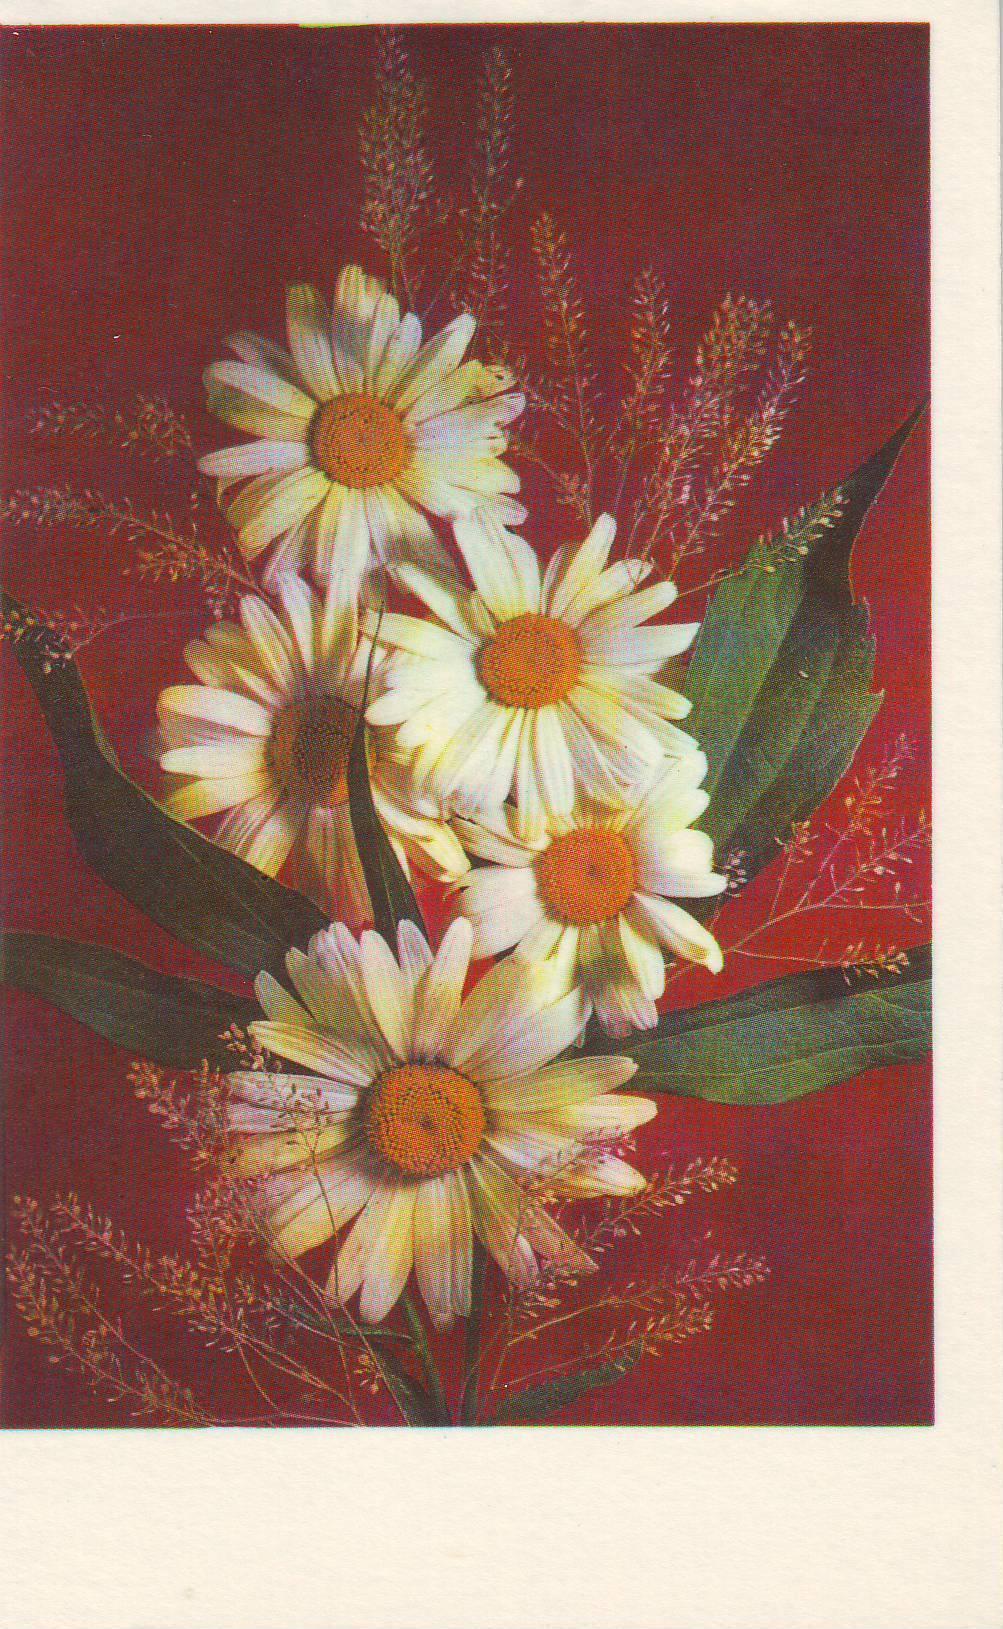 Цветы открытки советские смотреть в хорошем качестве, картинки